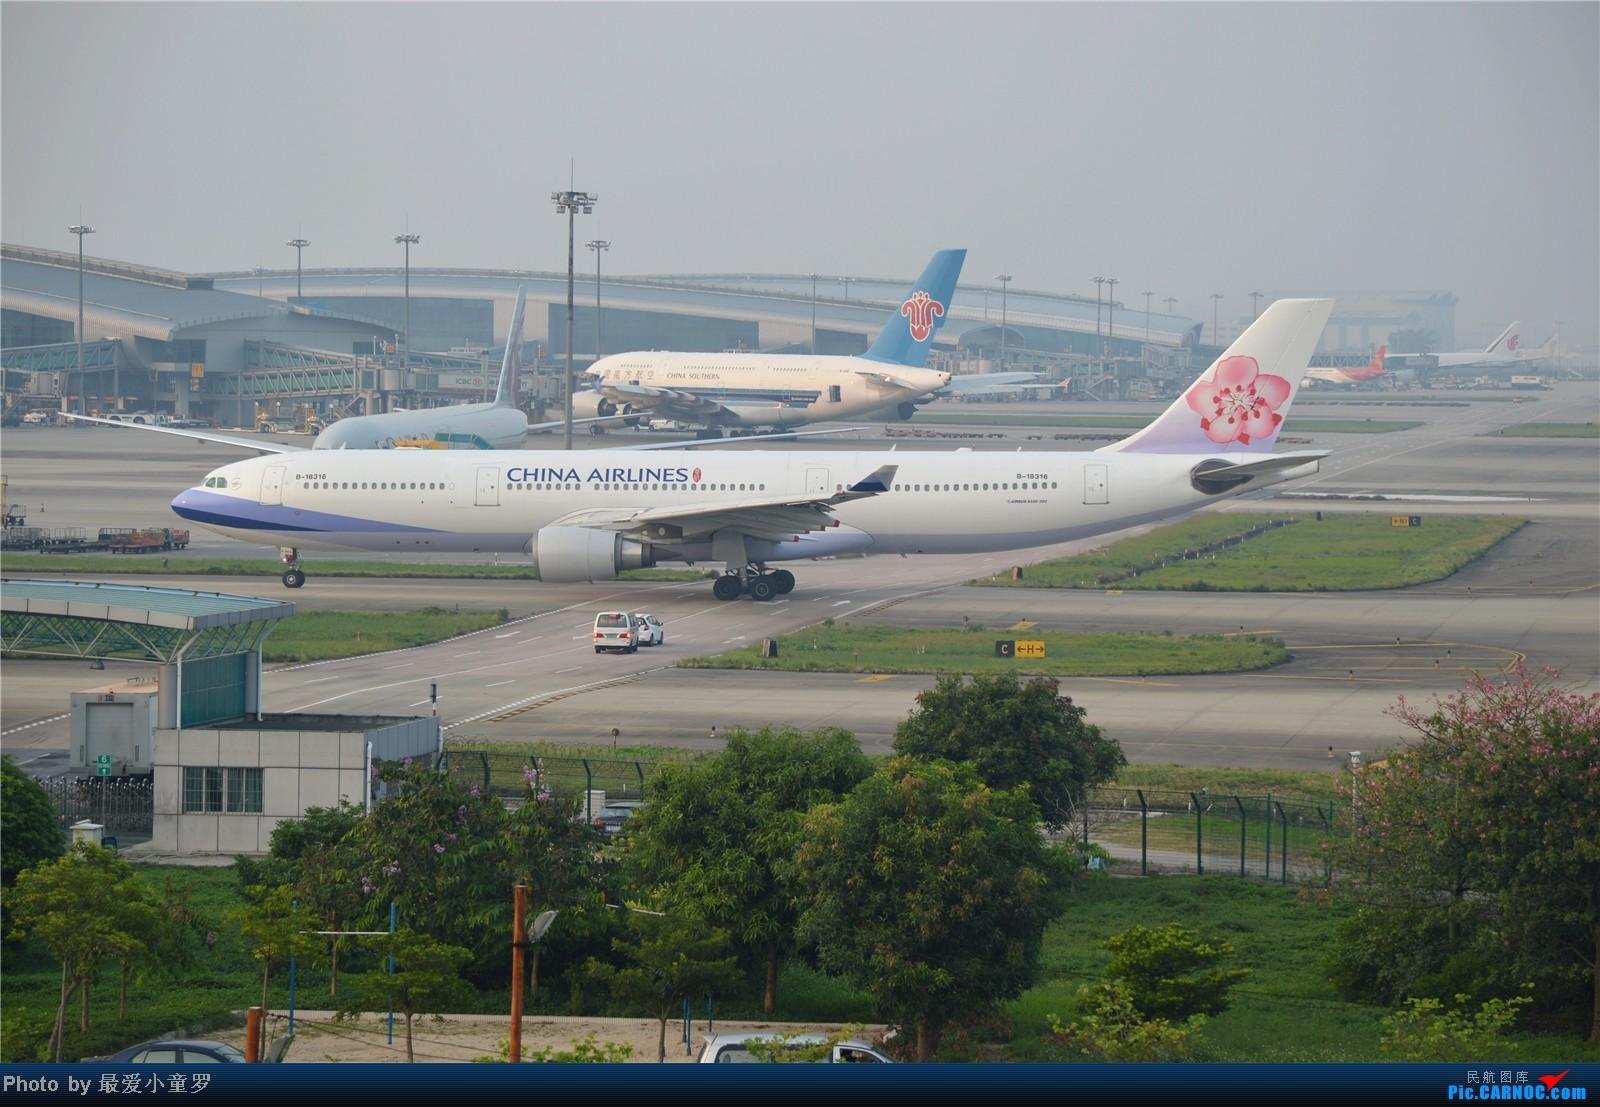 Re:[原创]炒冷饭系列2013年10月4日CAN拍机,带消防塔角度 AIRBUS A330-300 B-18316 中国广州白云机场